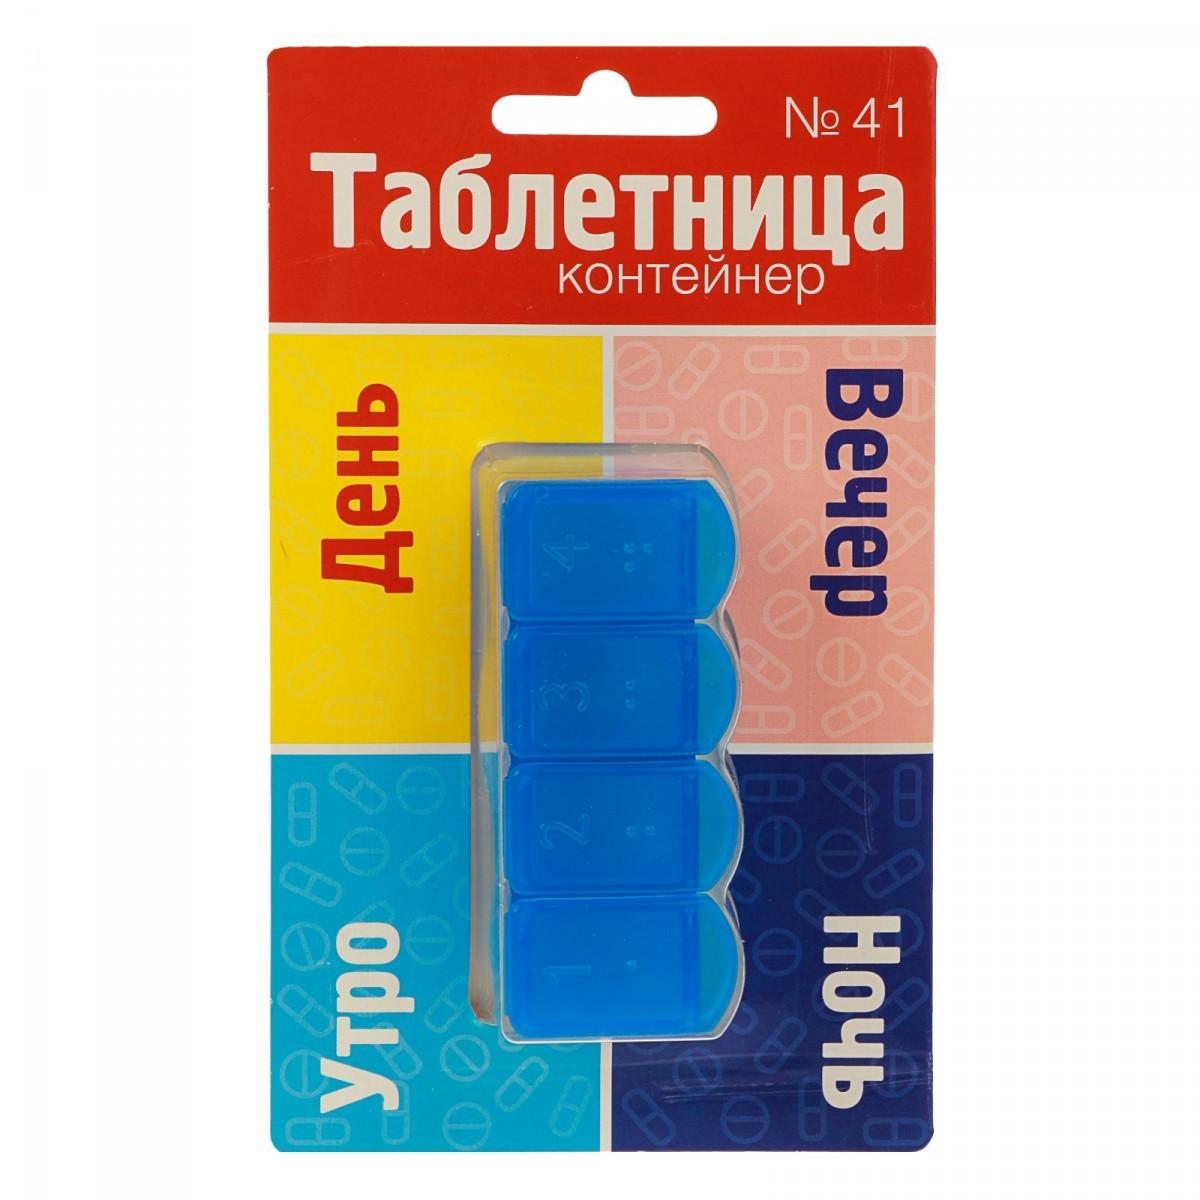 Купить органайзер для медикаментов 4 ячейки синий